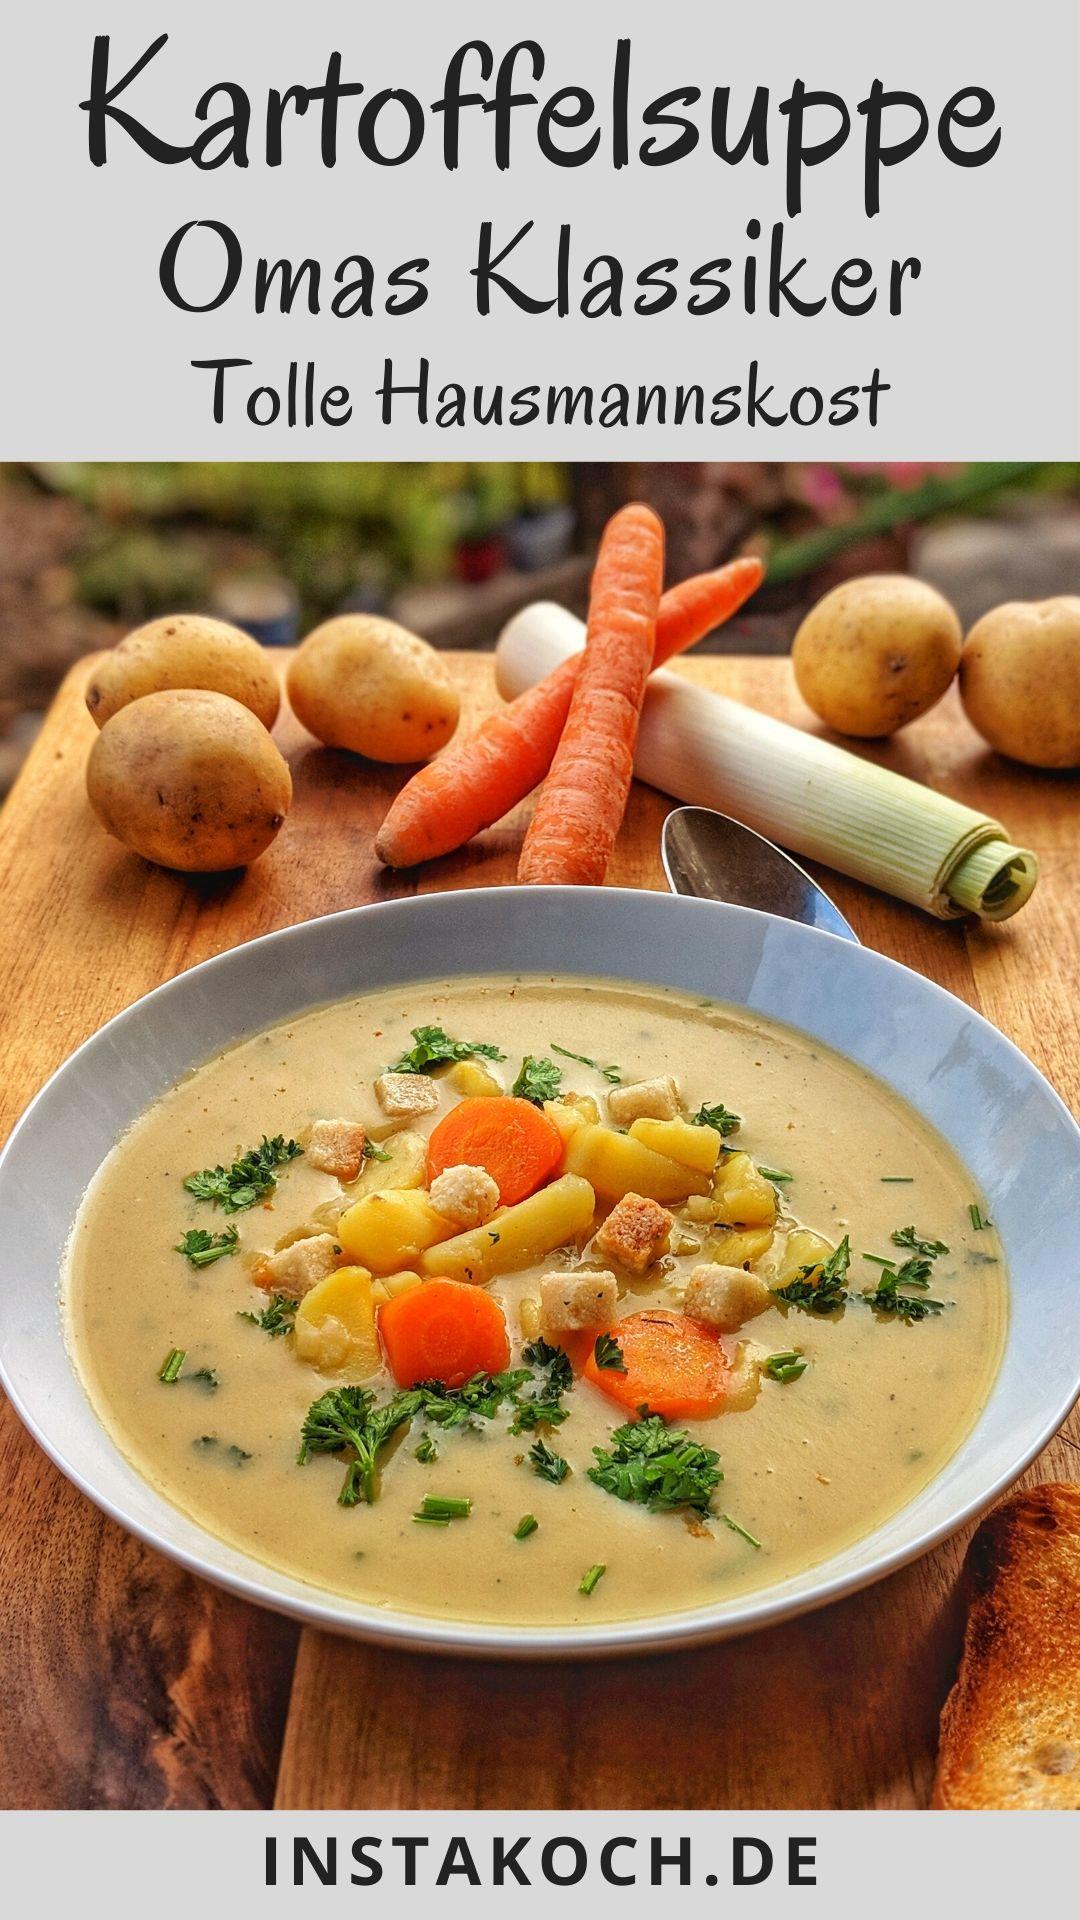 Klassische Kartoffelsuppe ist für mich das Highlight unter den leckeren, deftigen Suppen und